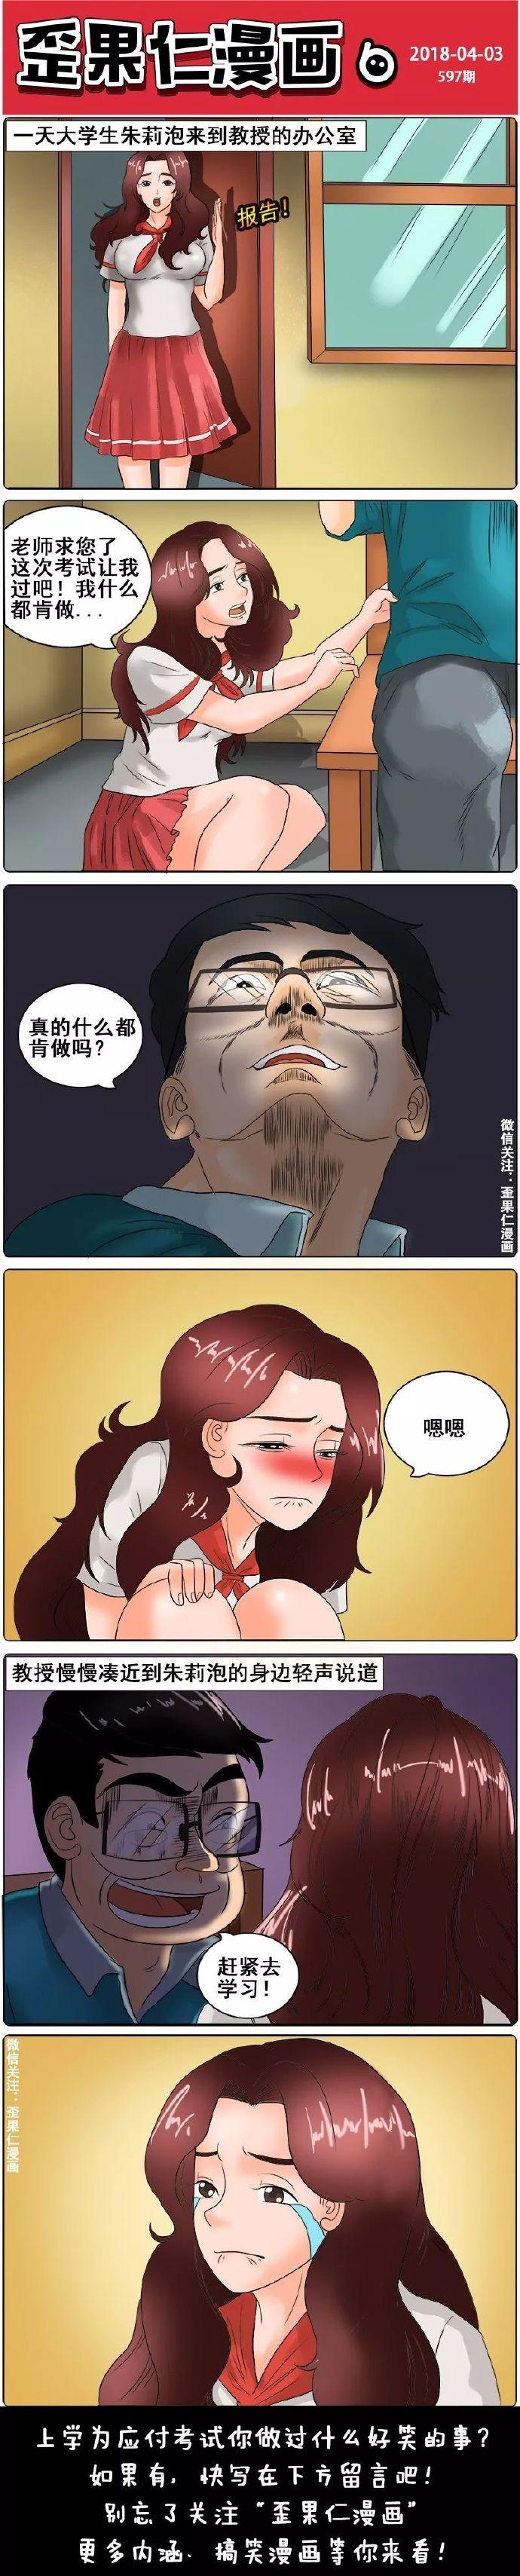 """歪果仁漫画第597期:女学生不惜出卖""""色相""""也要通过考试!"""